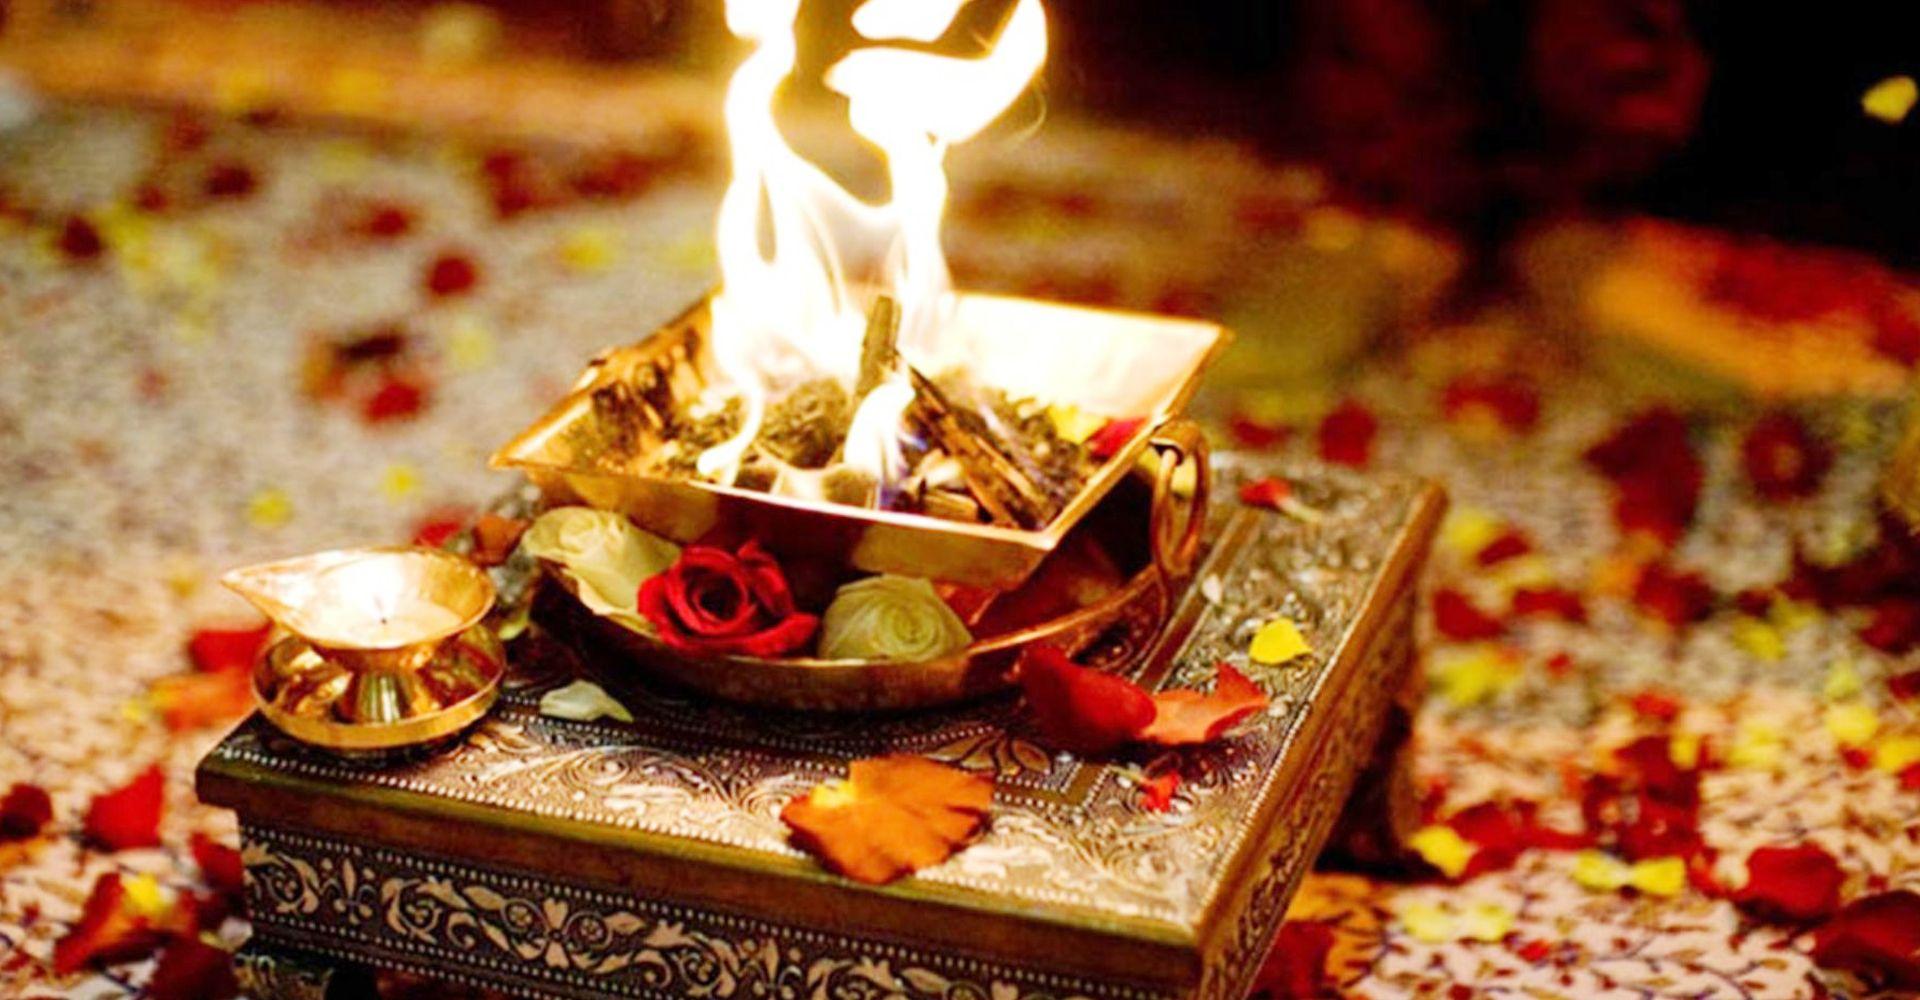 PunjabKesari, Shardiya Navratri 2020, Shardiya Navratri, Navratri, Navratri 2020, Devi Durga, Goddess Durga, Devi Durga Mantra, Durga Saptashati, Durga Saptashati patha in hinid, Durga Saptashati mantra, Navratri Durga Mantra, Shardiya Navratri Dates, Mantra Bhajan Aarti, vedic mantra in hindi